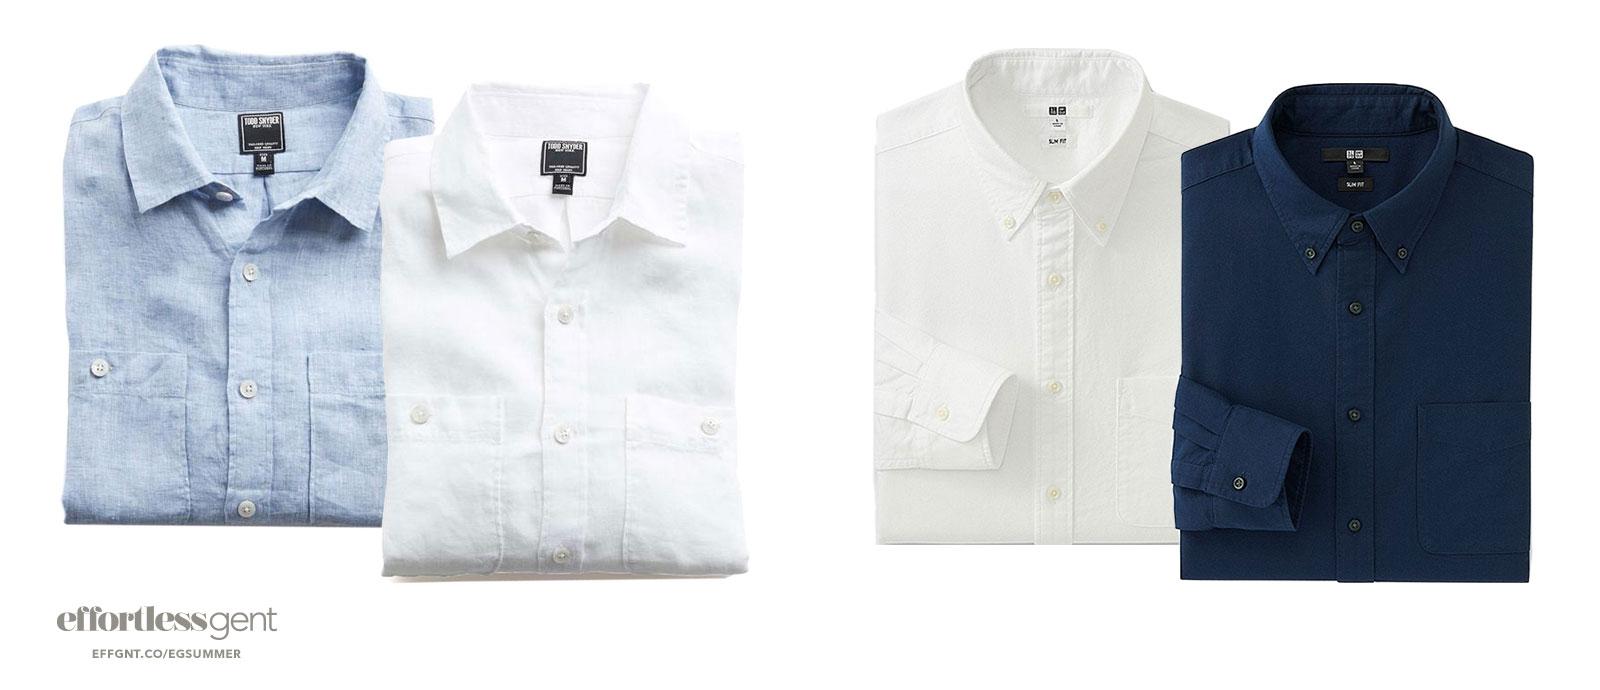 shirts - summer clothes for men - effortless gent